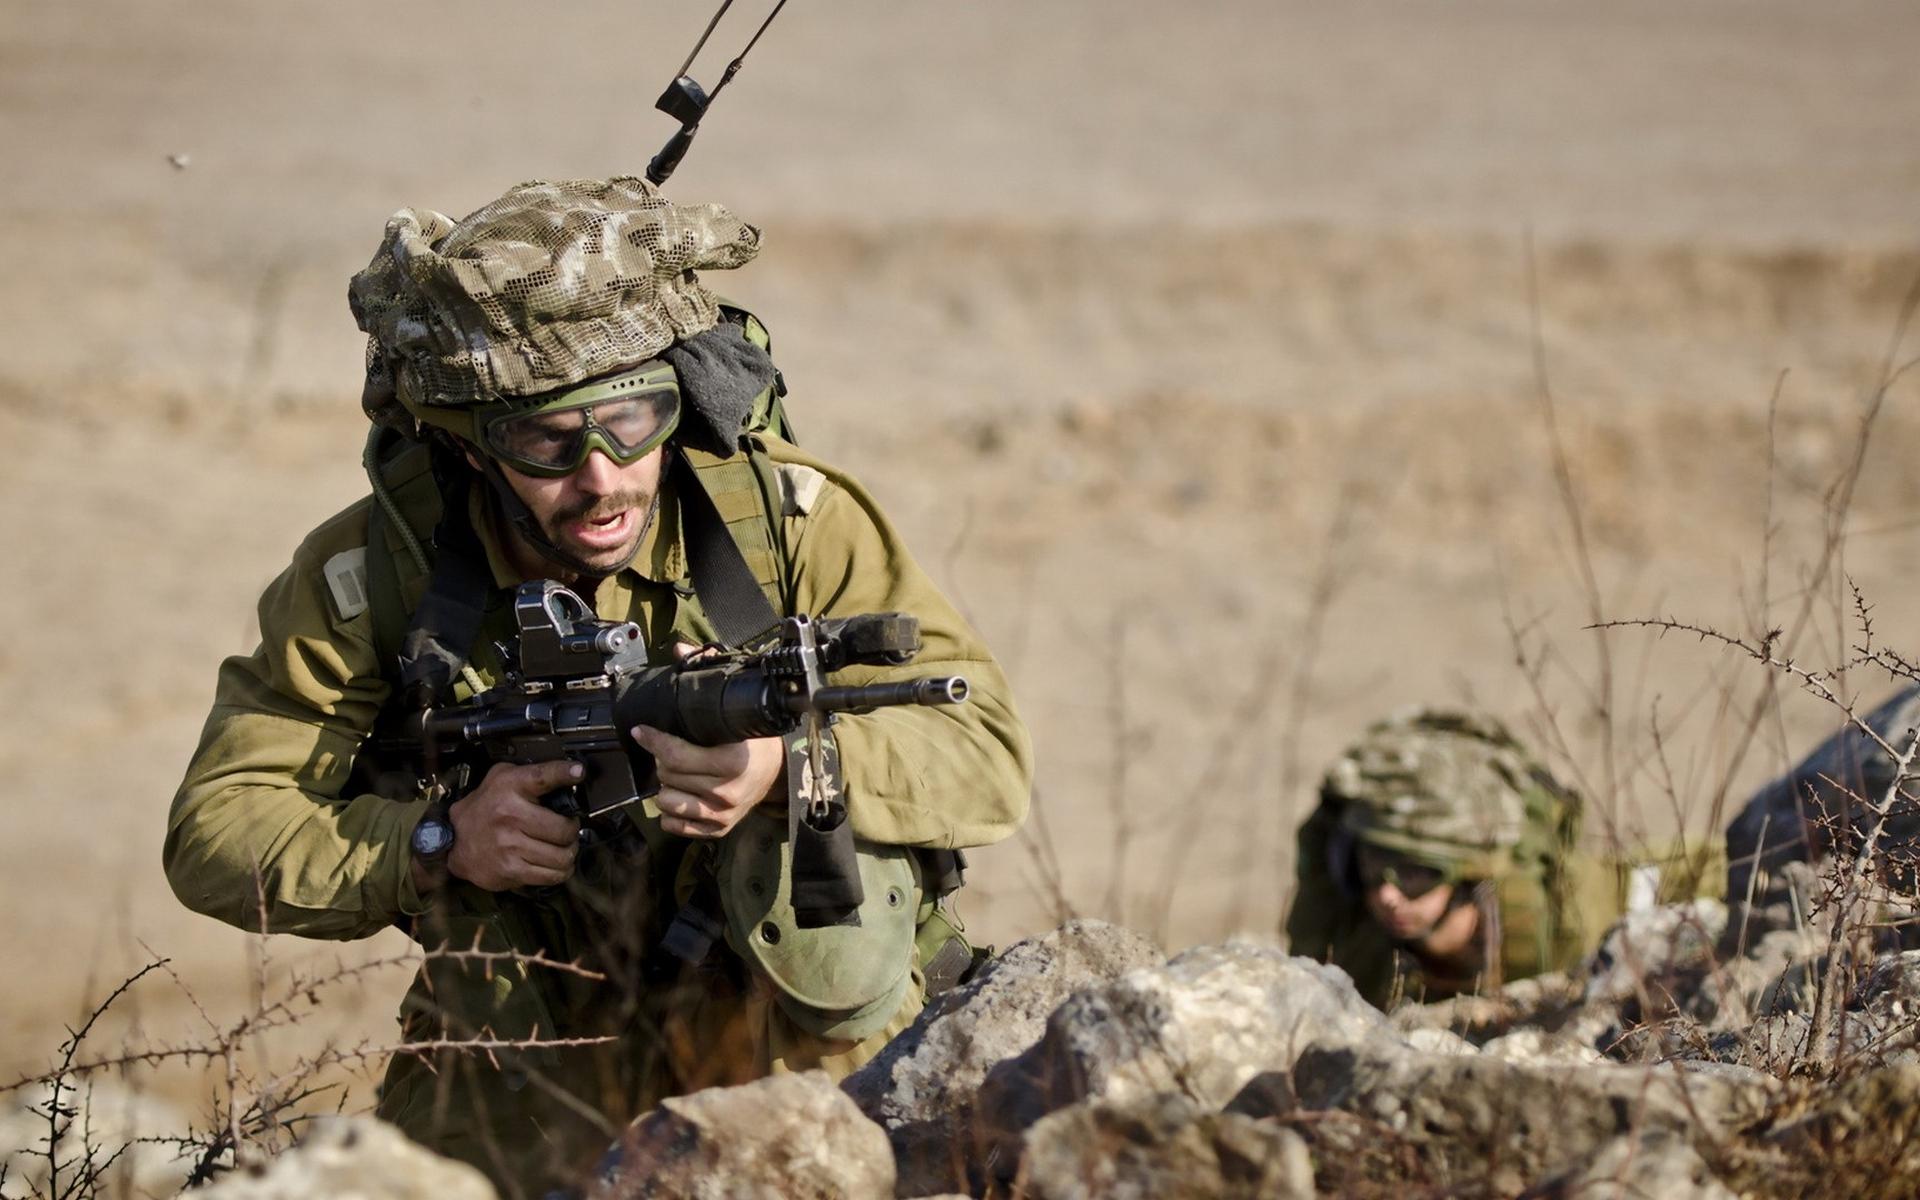 солдаты, экипировка, амуниция